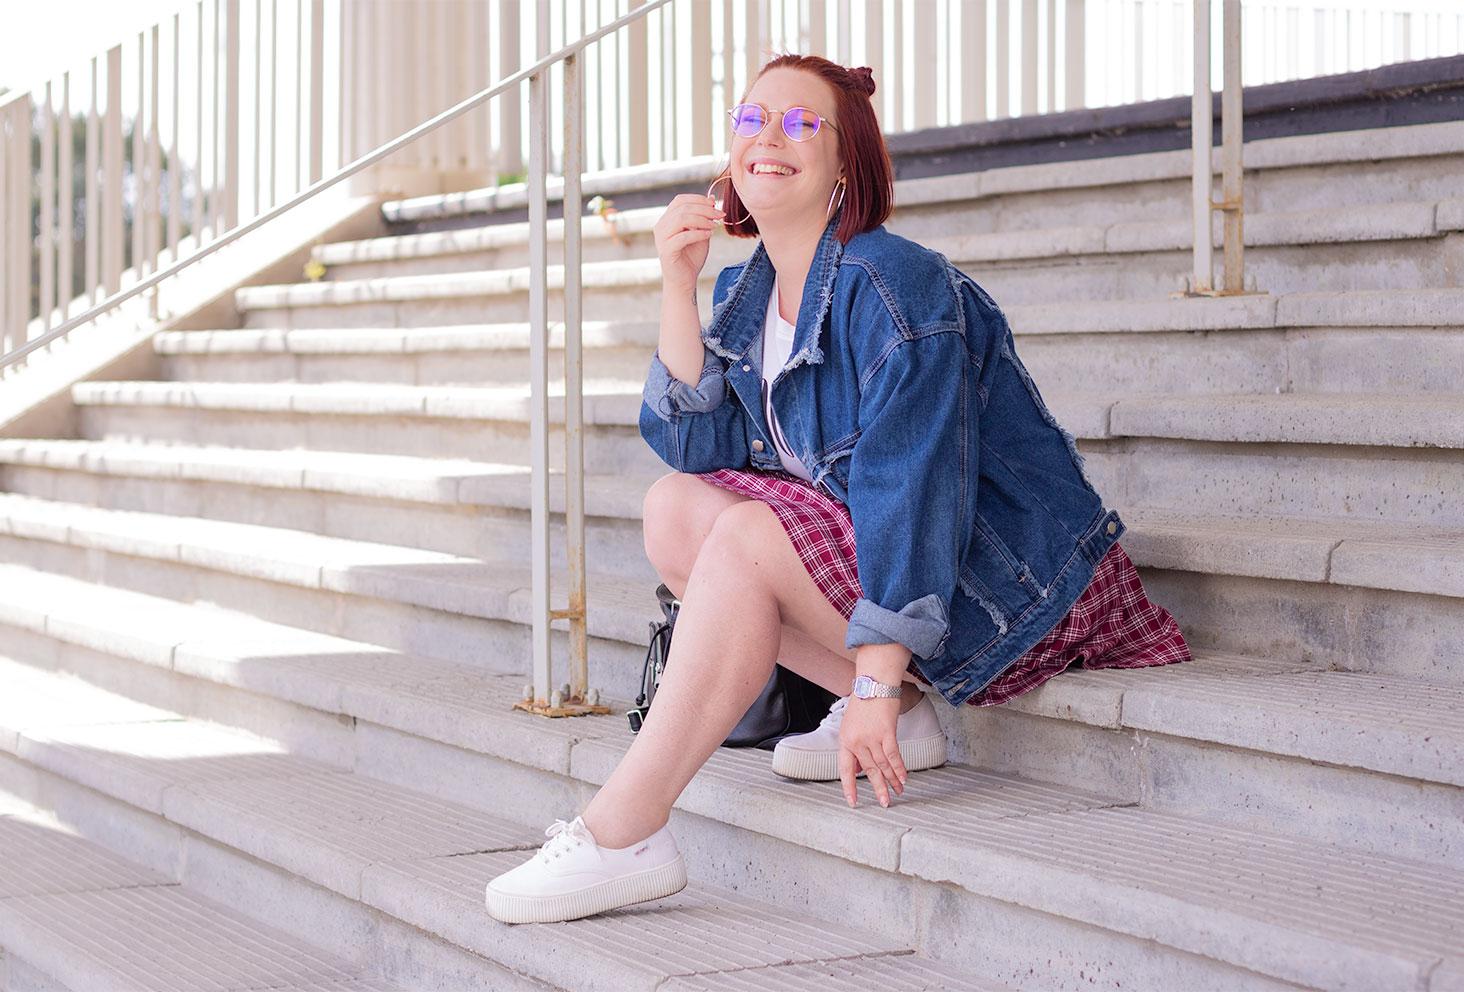 Assise dans des escaliers en béton, une main sur le sol, en veste en jean oversize et jupe à carreaux, avec le sourire et l'autre main qui tient la créole argentée